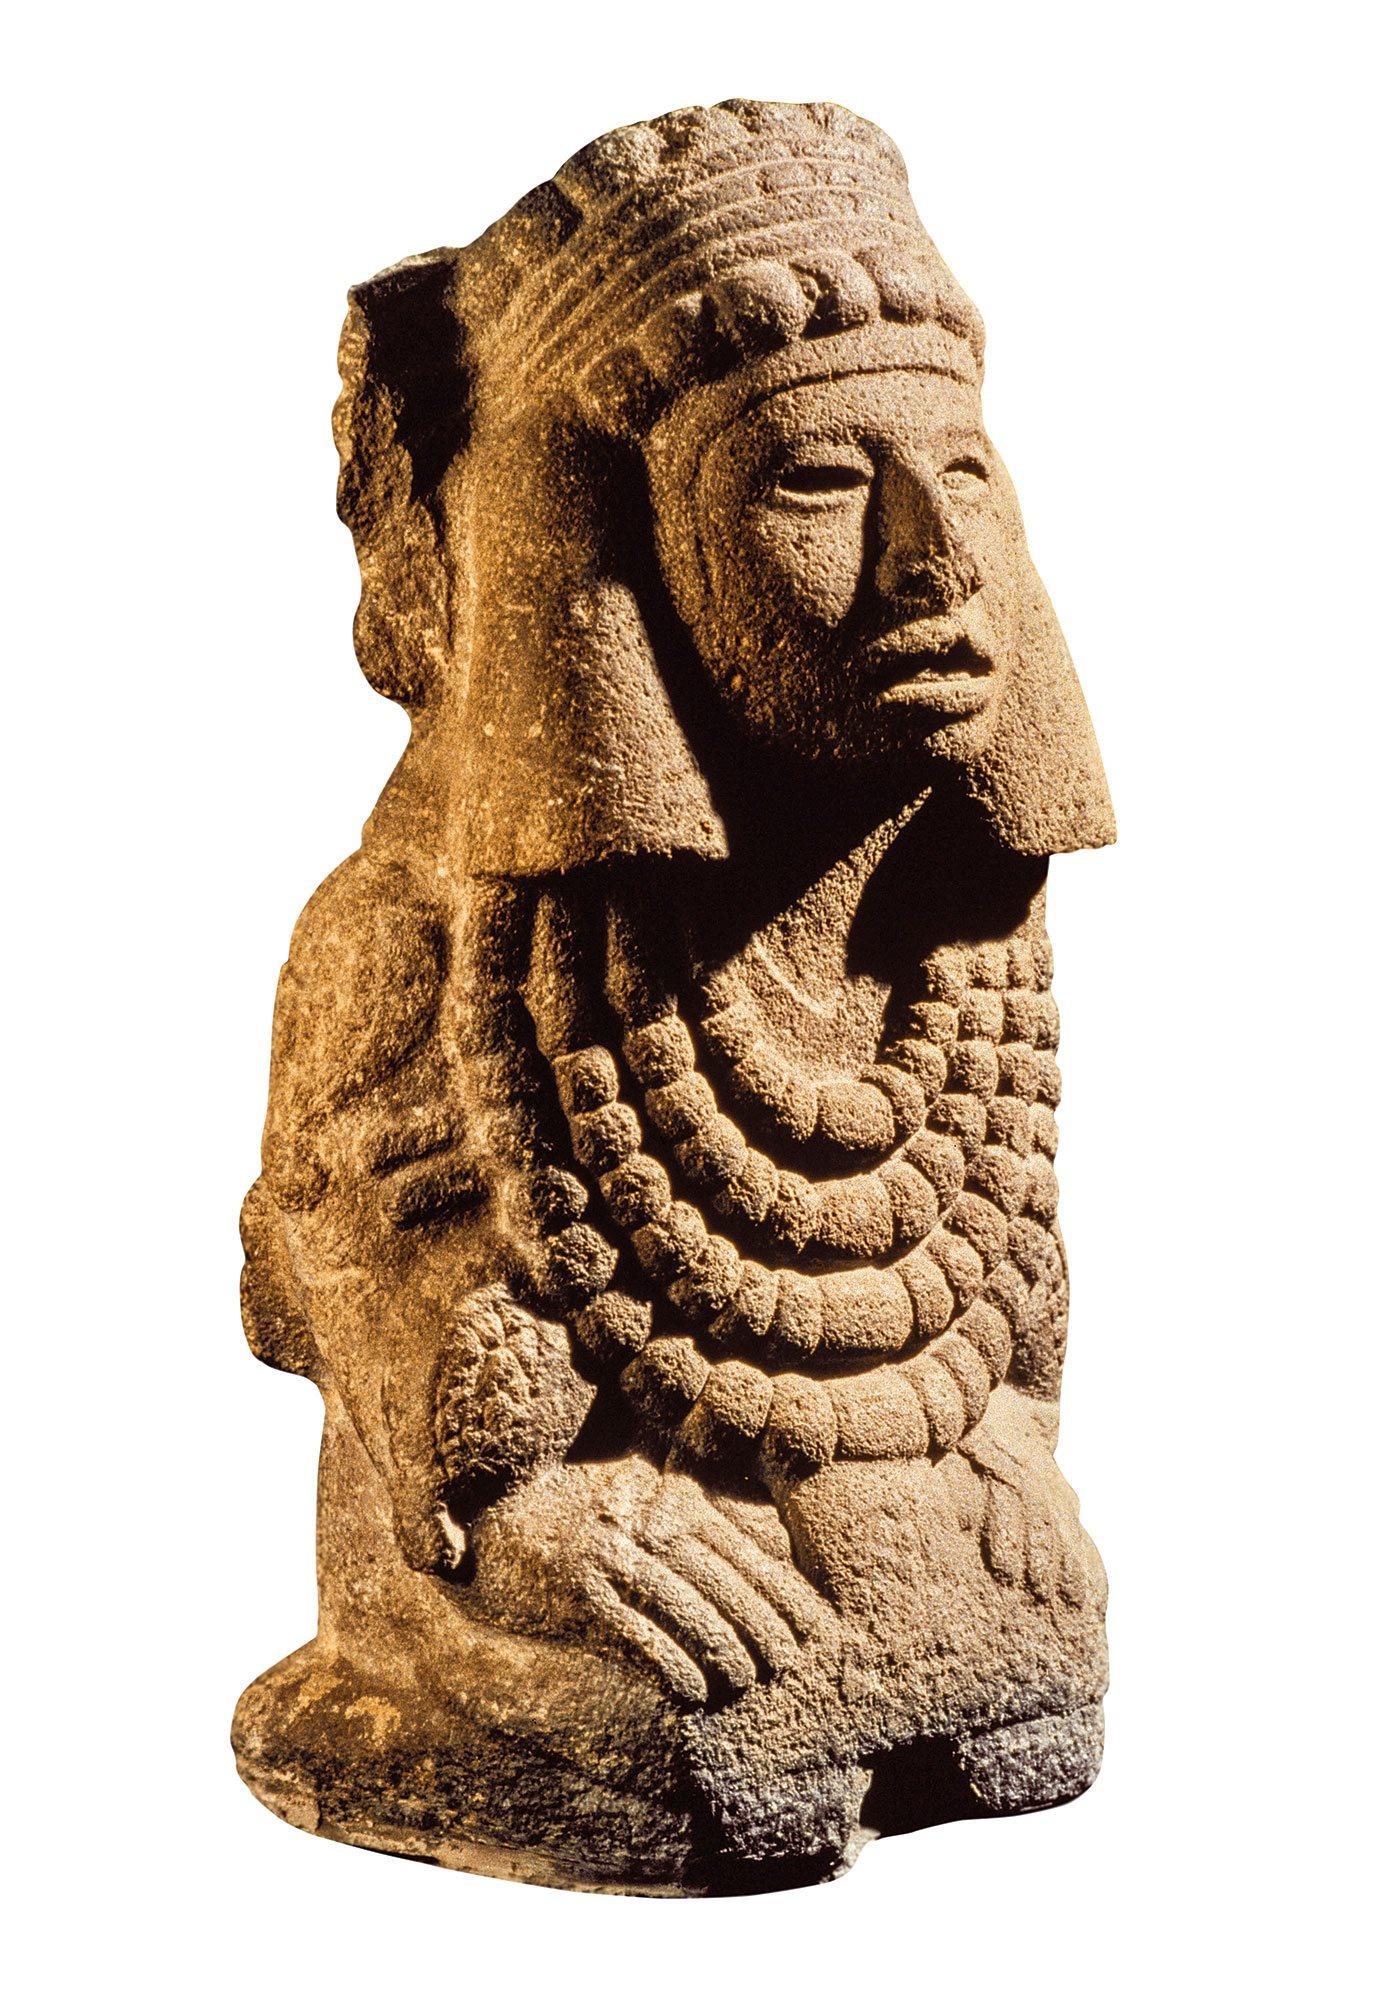 136 Aztecas 3. El vestido de la diosa